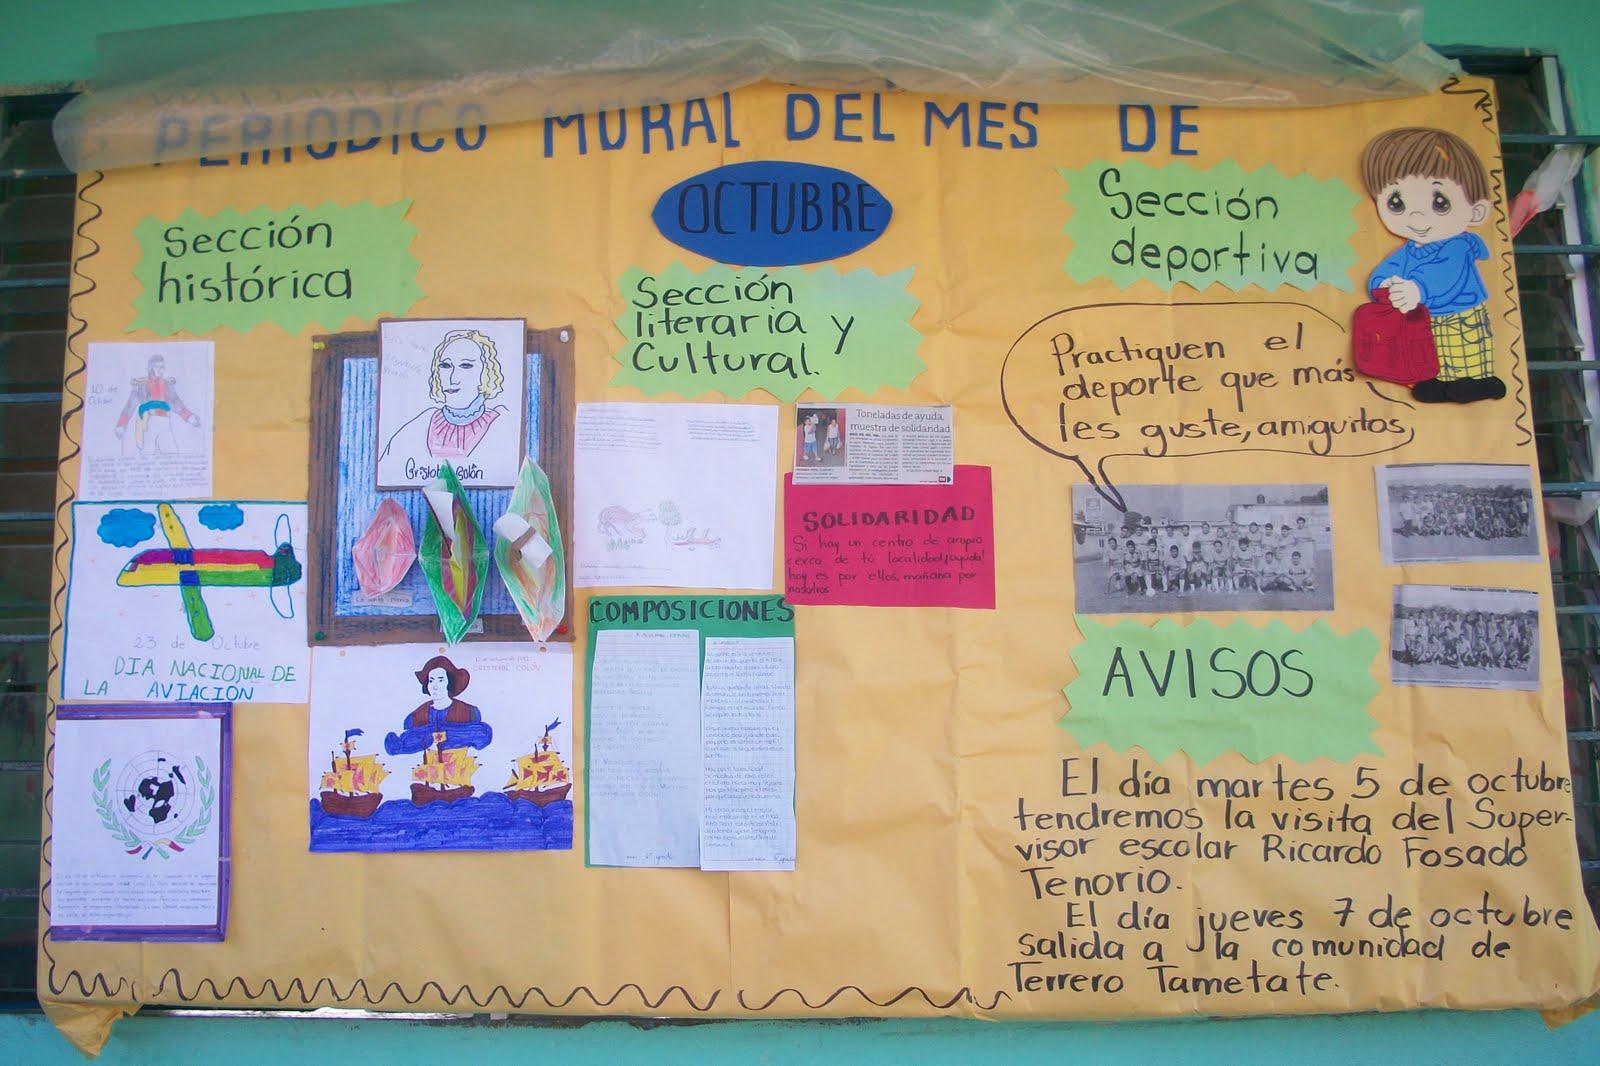 Supervisi n escolar zona 002 tantoyuca norte el peri dico for Componentes de un periodico mural